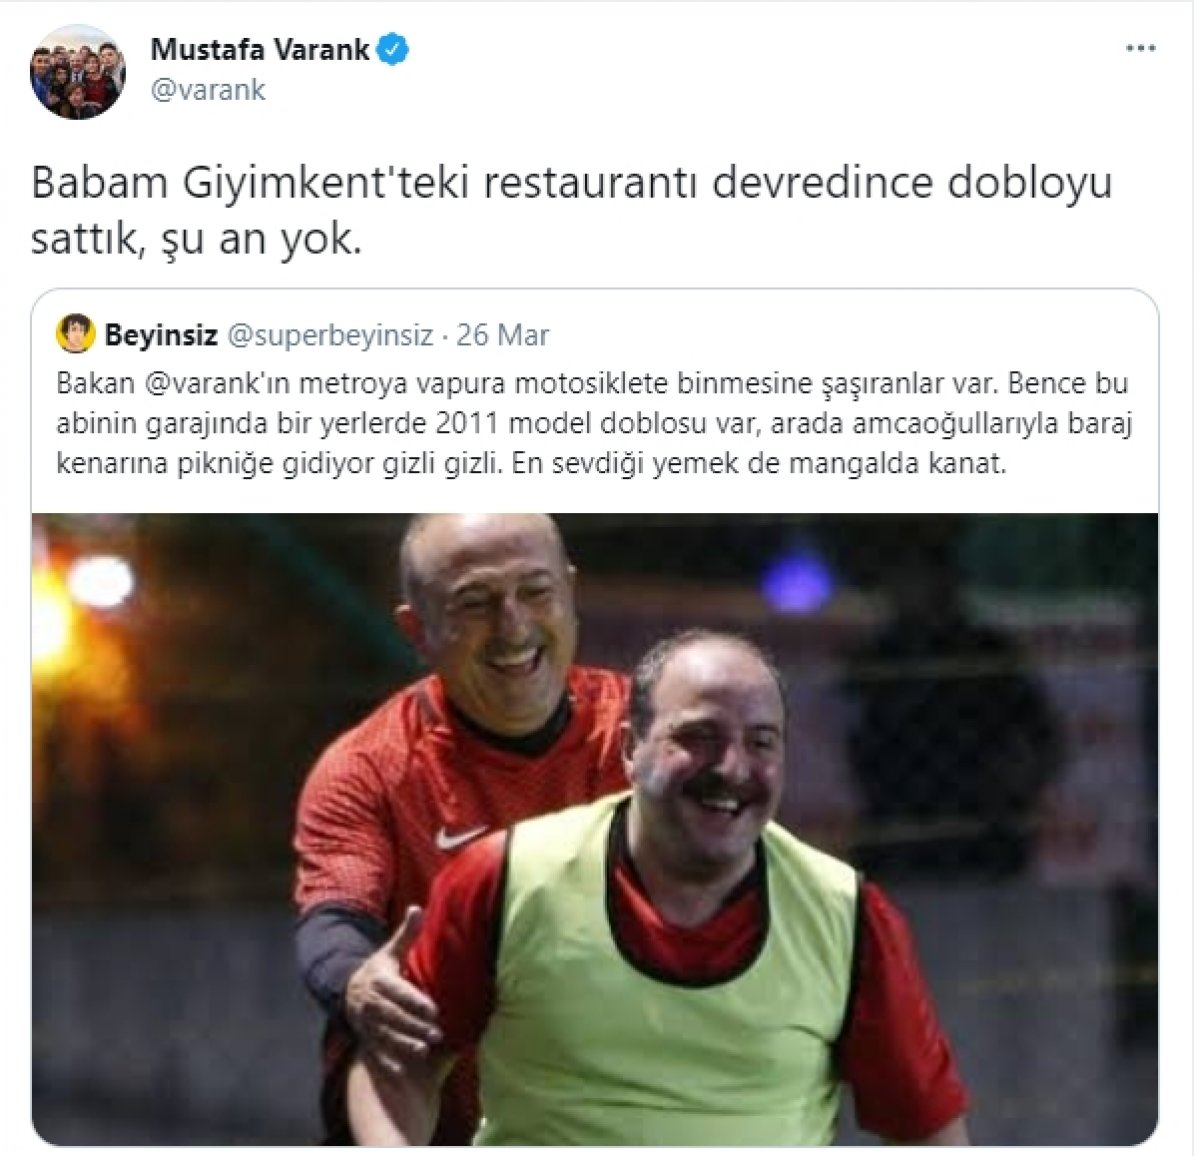 Sanayi ve Teknoloji Bakanı Mustafa Varank tan doblo esprisi #1